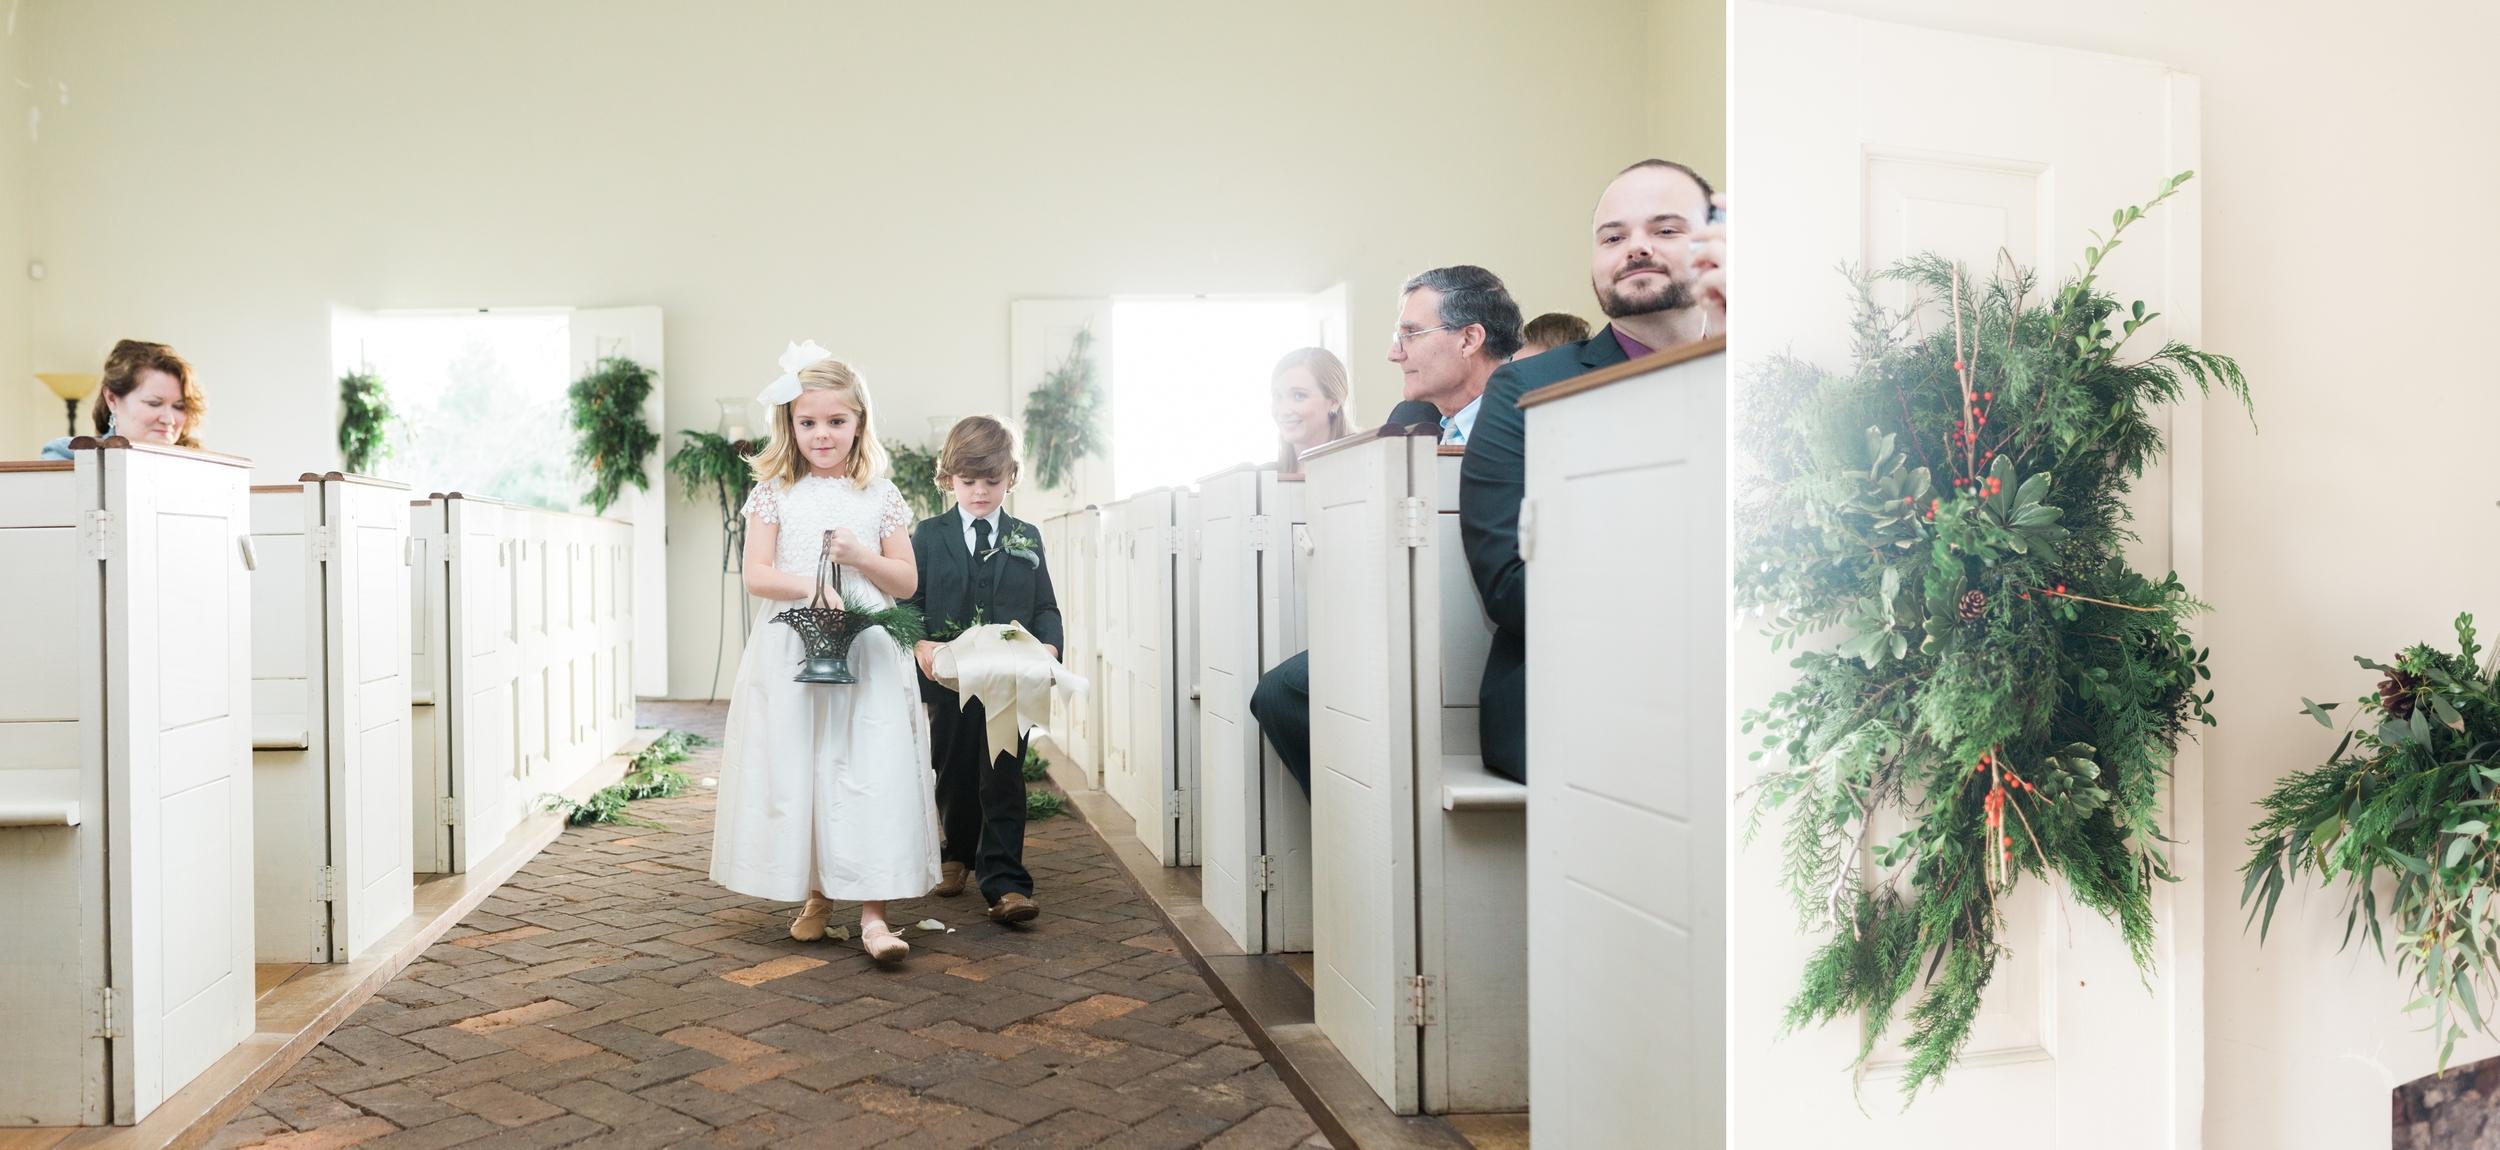 Carter and Molly Blanton - Wedding 15.jpg